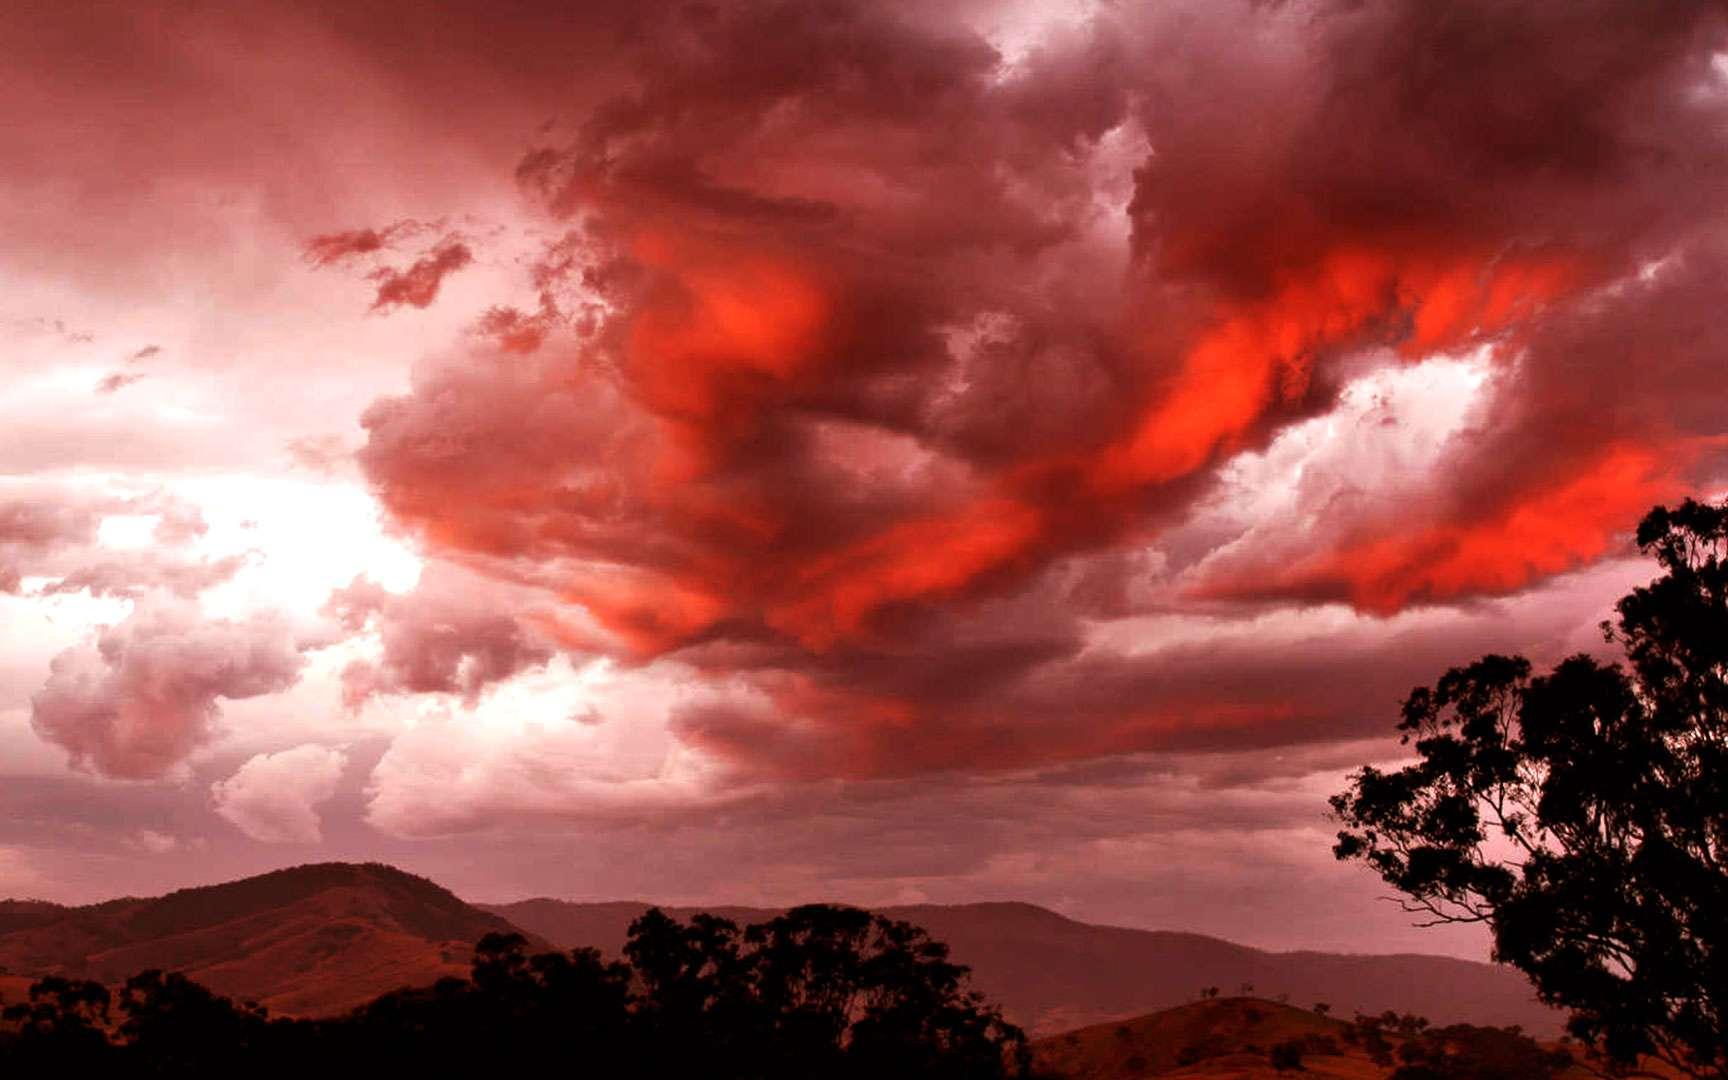 Somptueux nuage rouge dans le ciel (cumulus). Sur cette photo, un coucher de soleil se reflète sur un cumulus. Le nuage devient alors rouge dans le ciel. © Fir 0002, Flickr, CC by-nc-sa 2.0